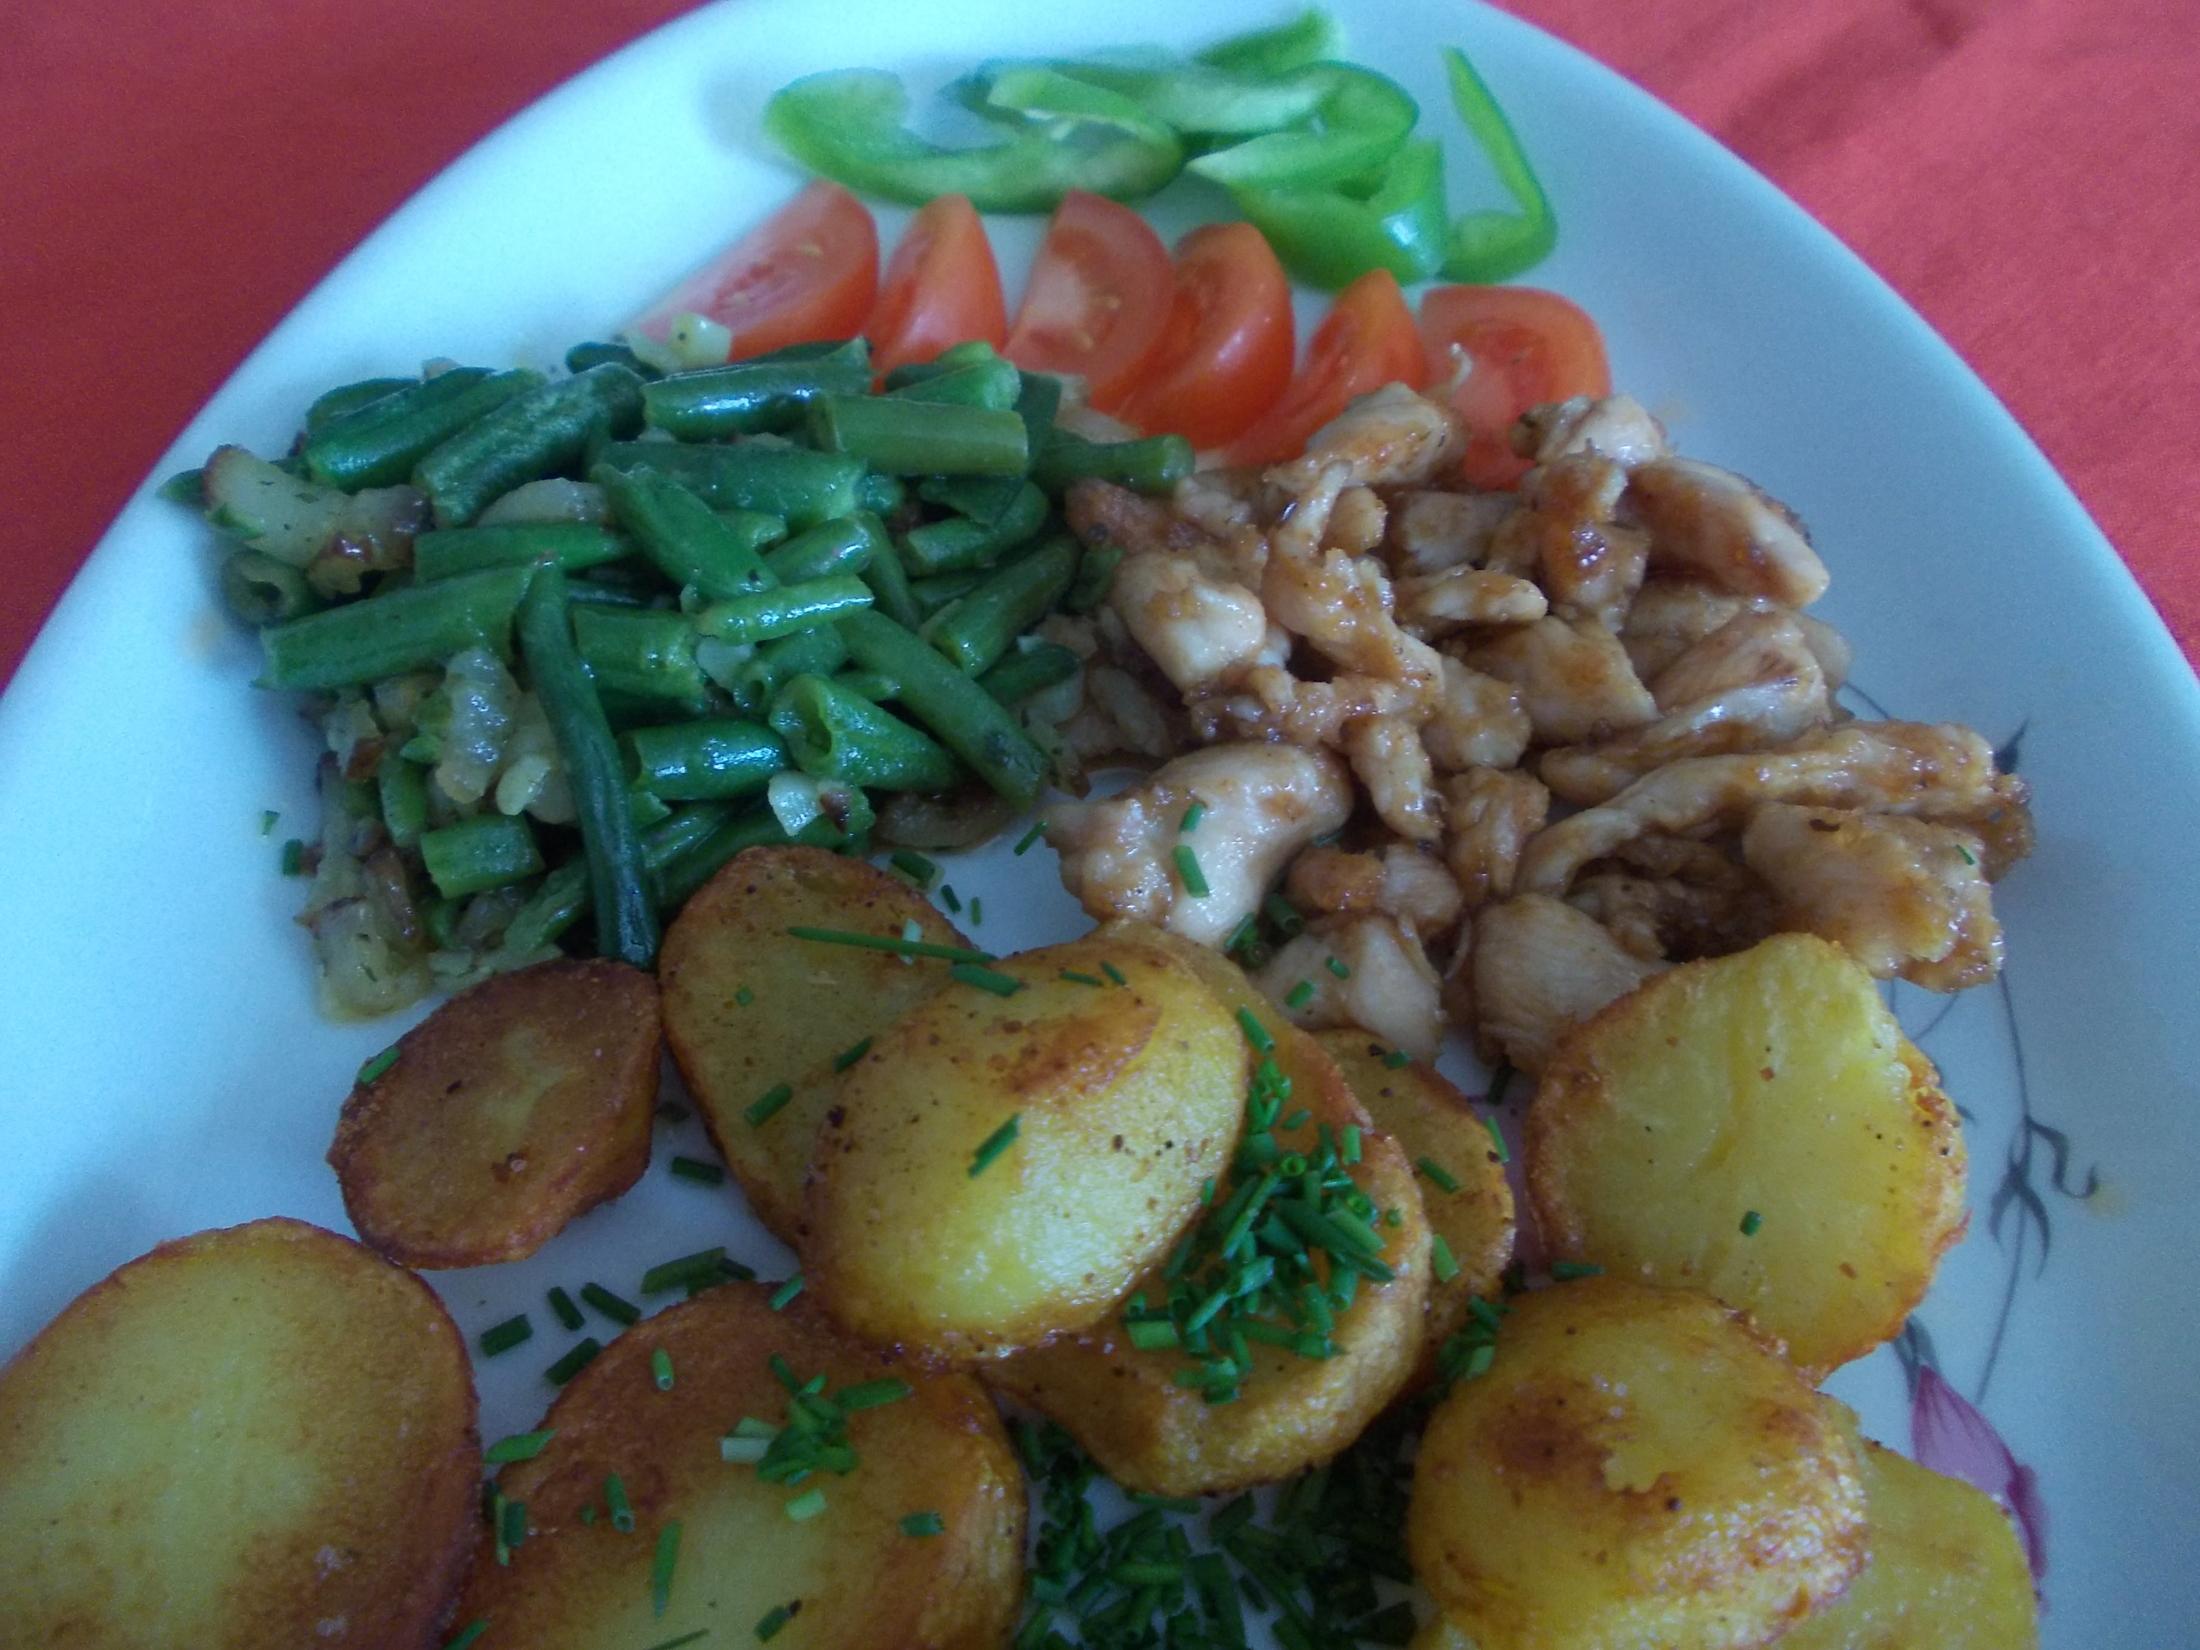 Kuřecí nudličky s opékanými brambory a anglickými fazolkami